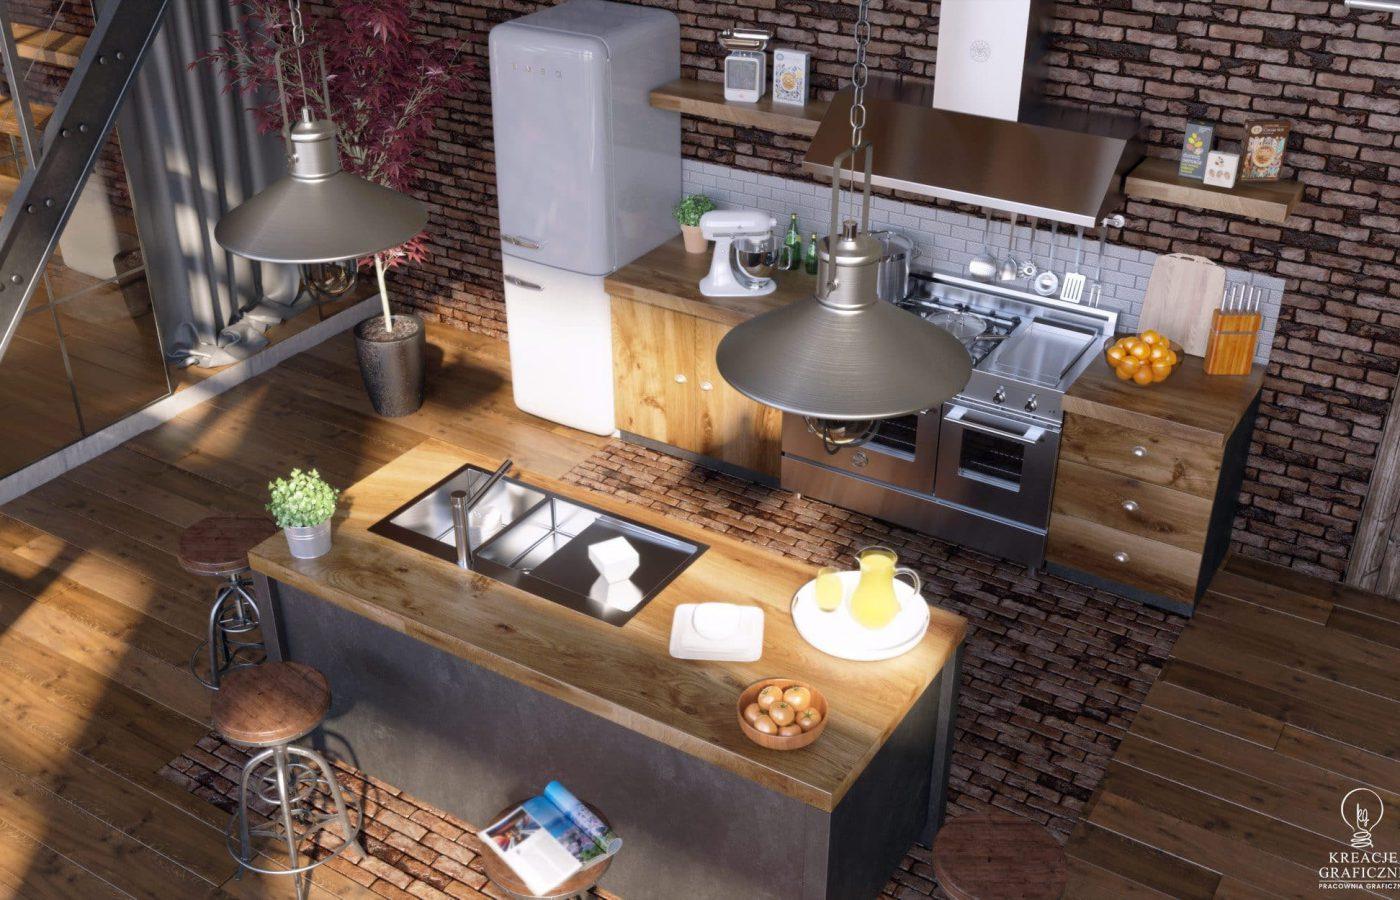 Wizualizacja kuchni ver.2, wizualizacje wnętrz